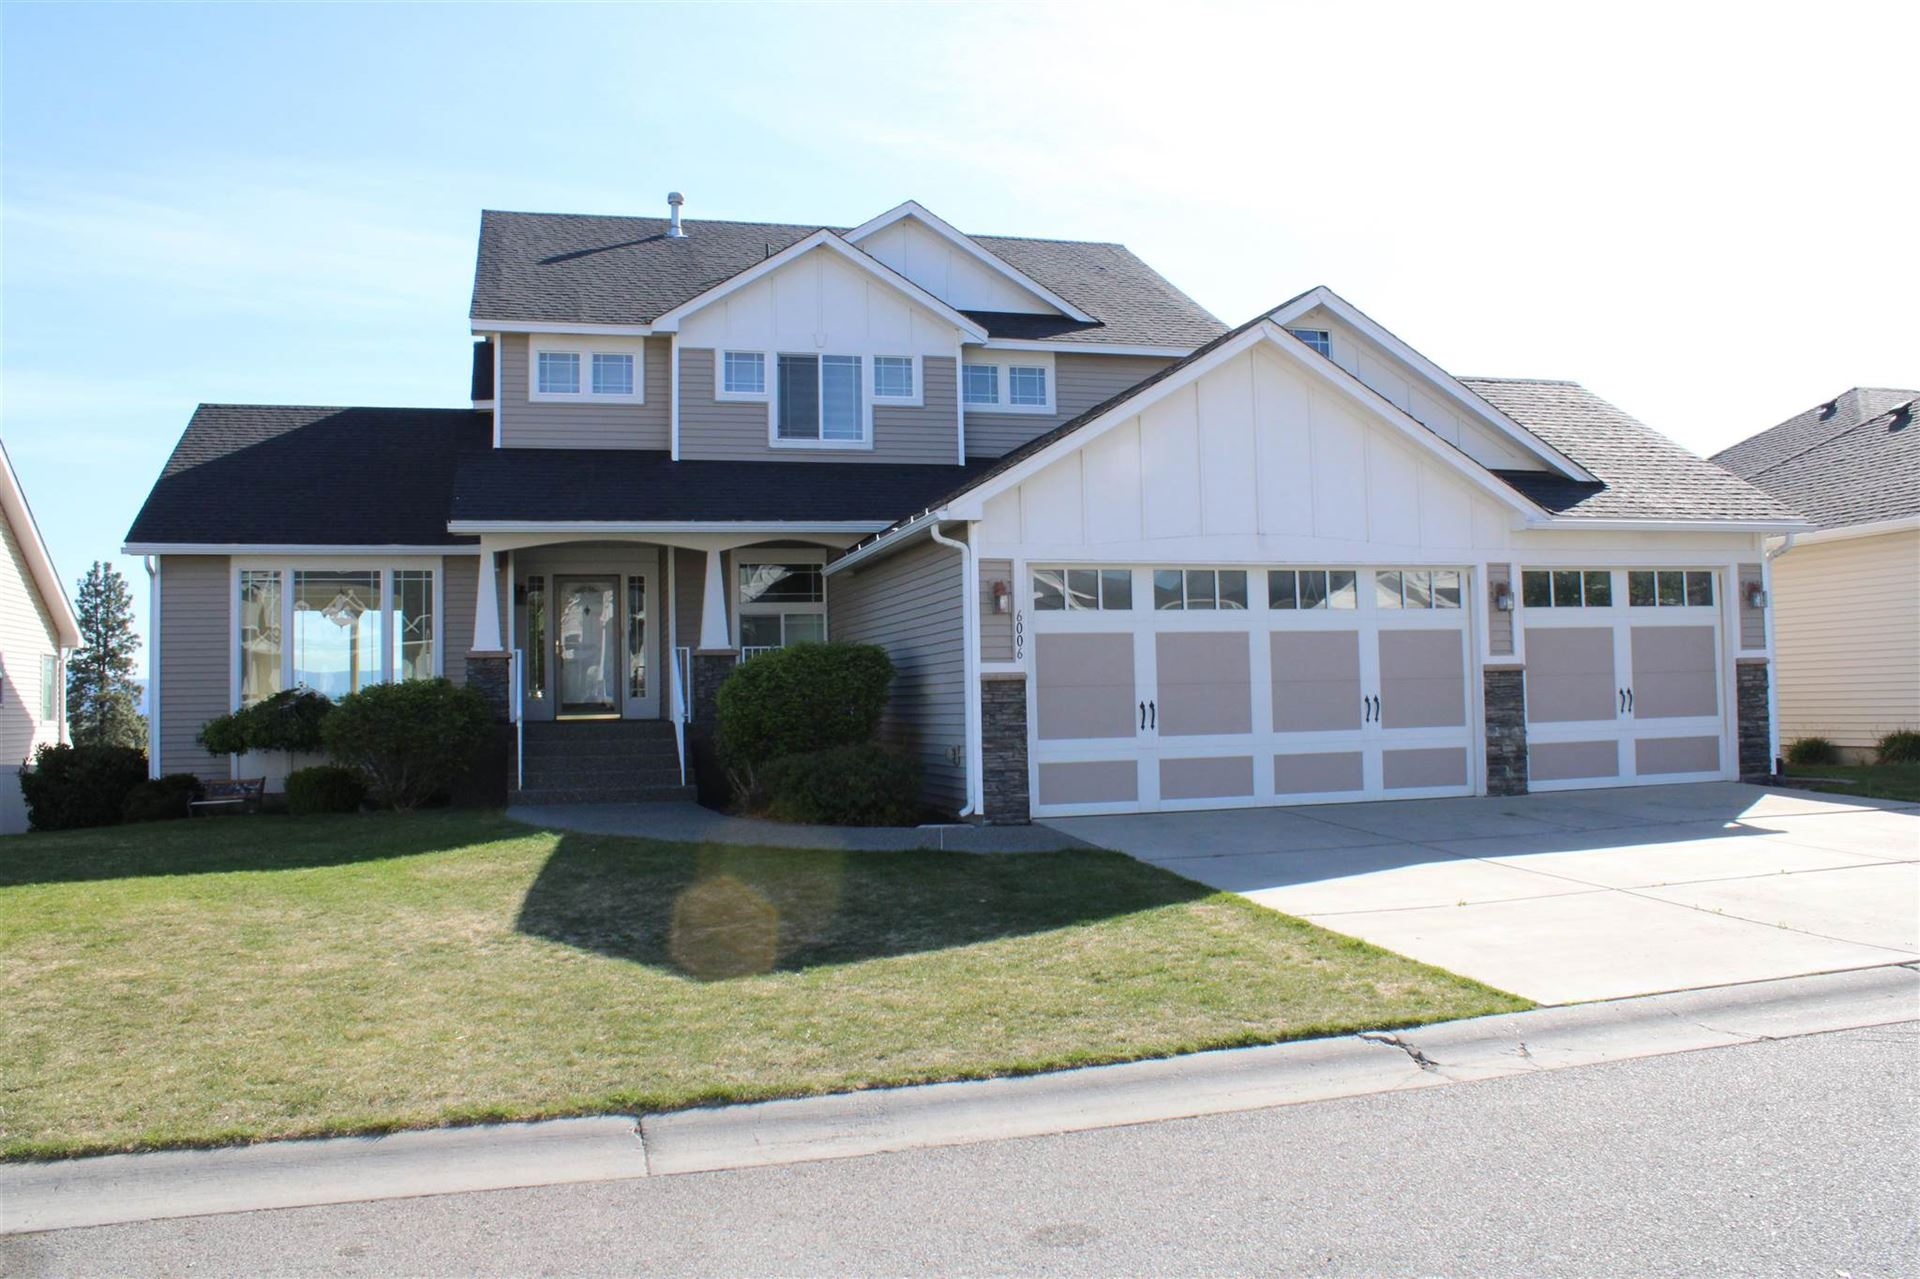 6006 N Edgemont Ln, Spokane, WA 99217 - #: 202114887